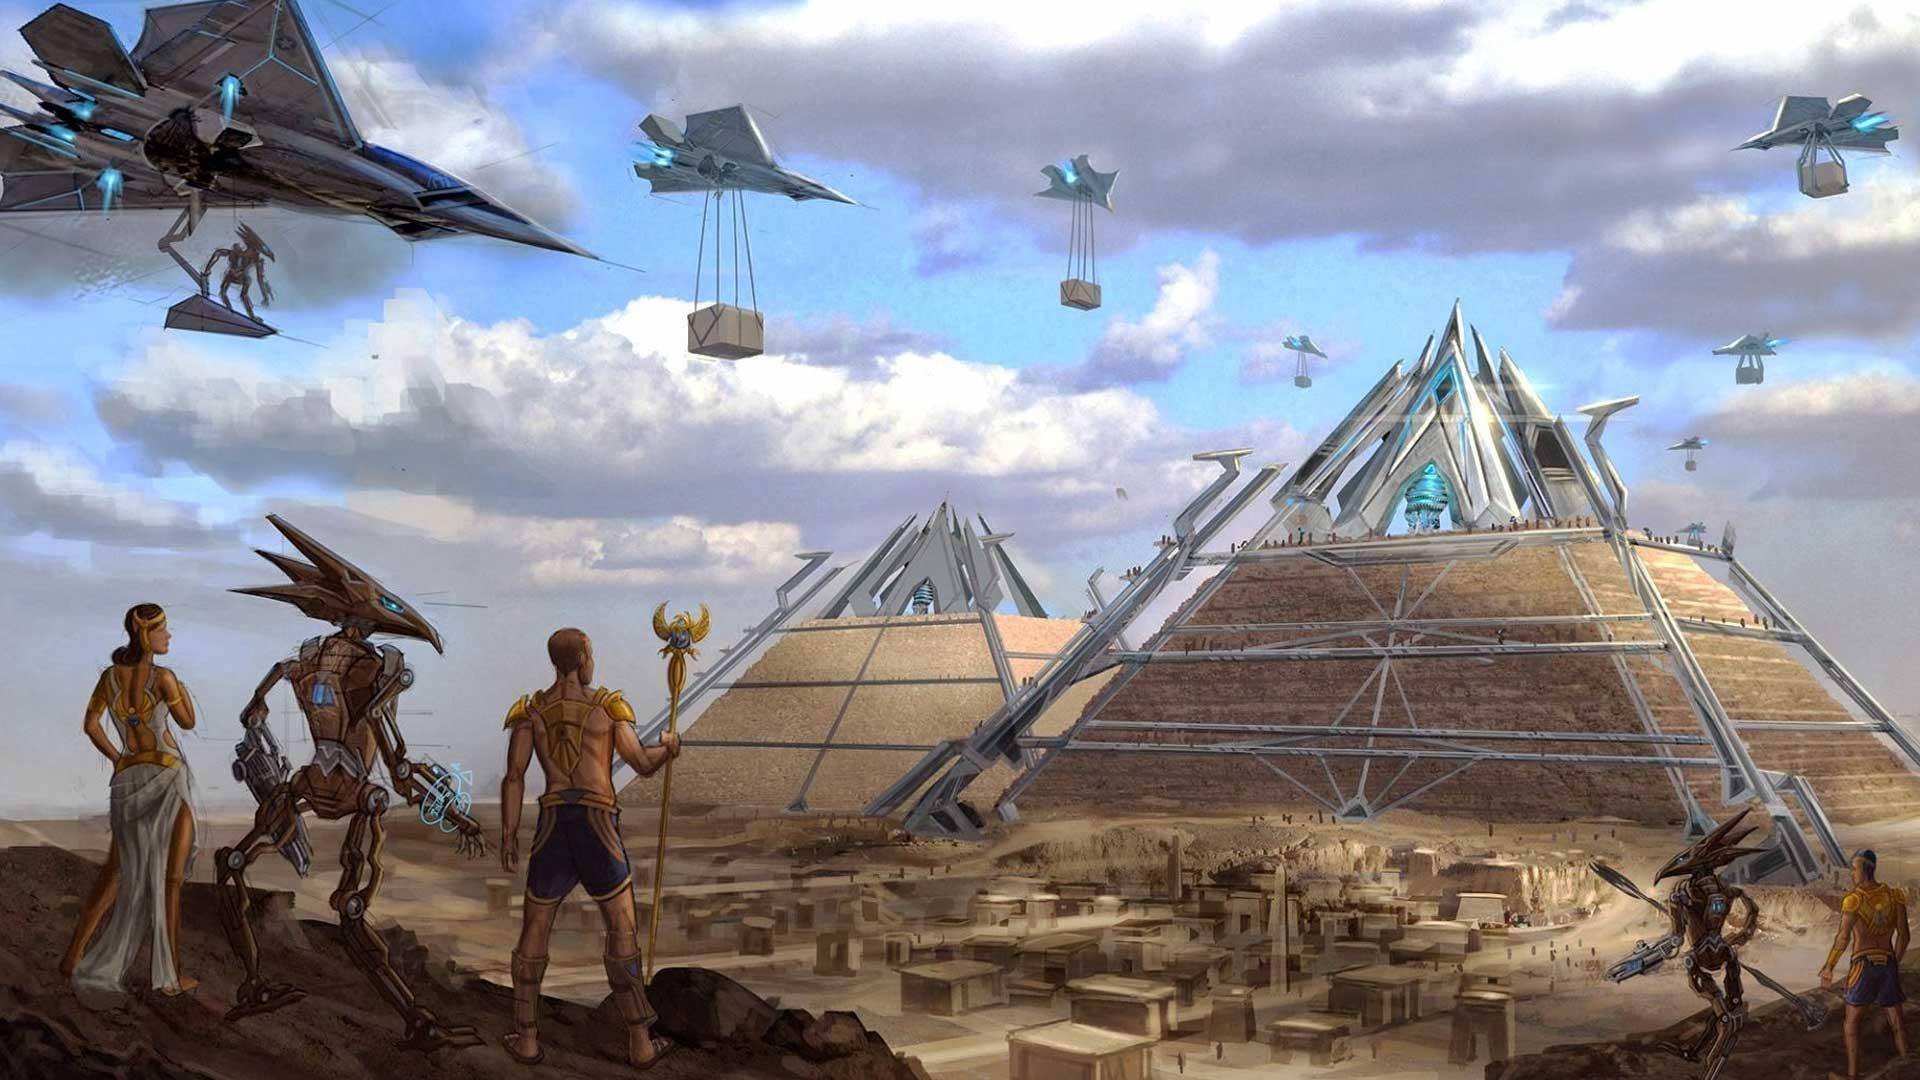 La Tierra ha sido visitada por extraterrestres según las antiguas pinturas rupestres y los monumentos